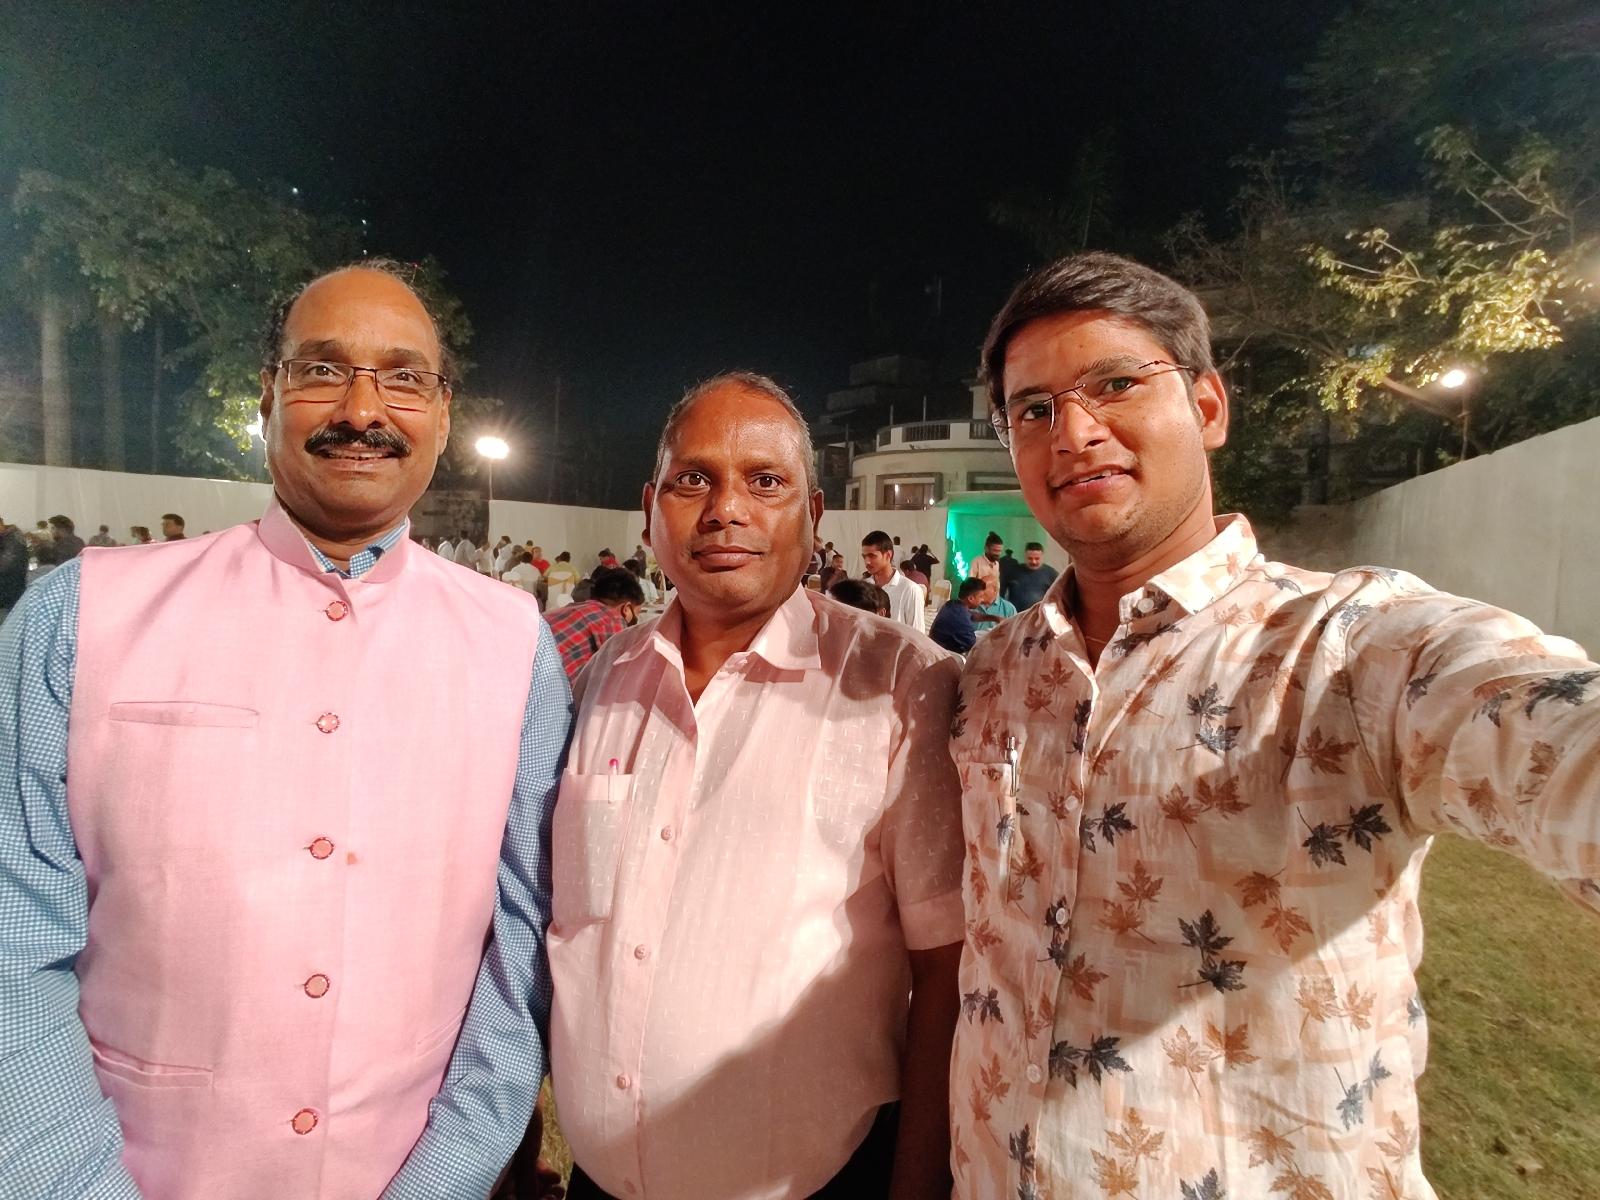 मुम्बई उपनगर पत्रकार संघ के लिट्टी चोखा प्रोग्राम में शामिल होने का सौभाग्य मिला।